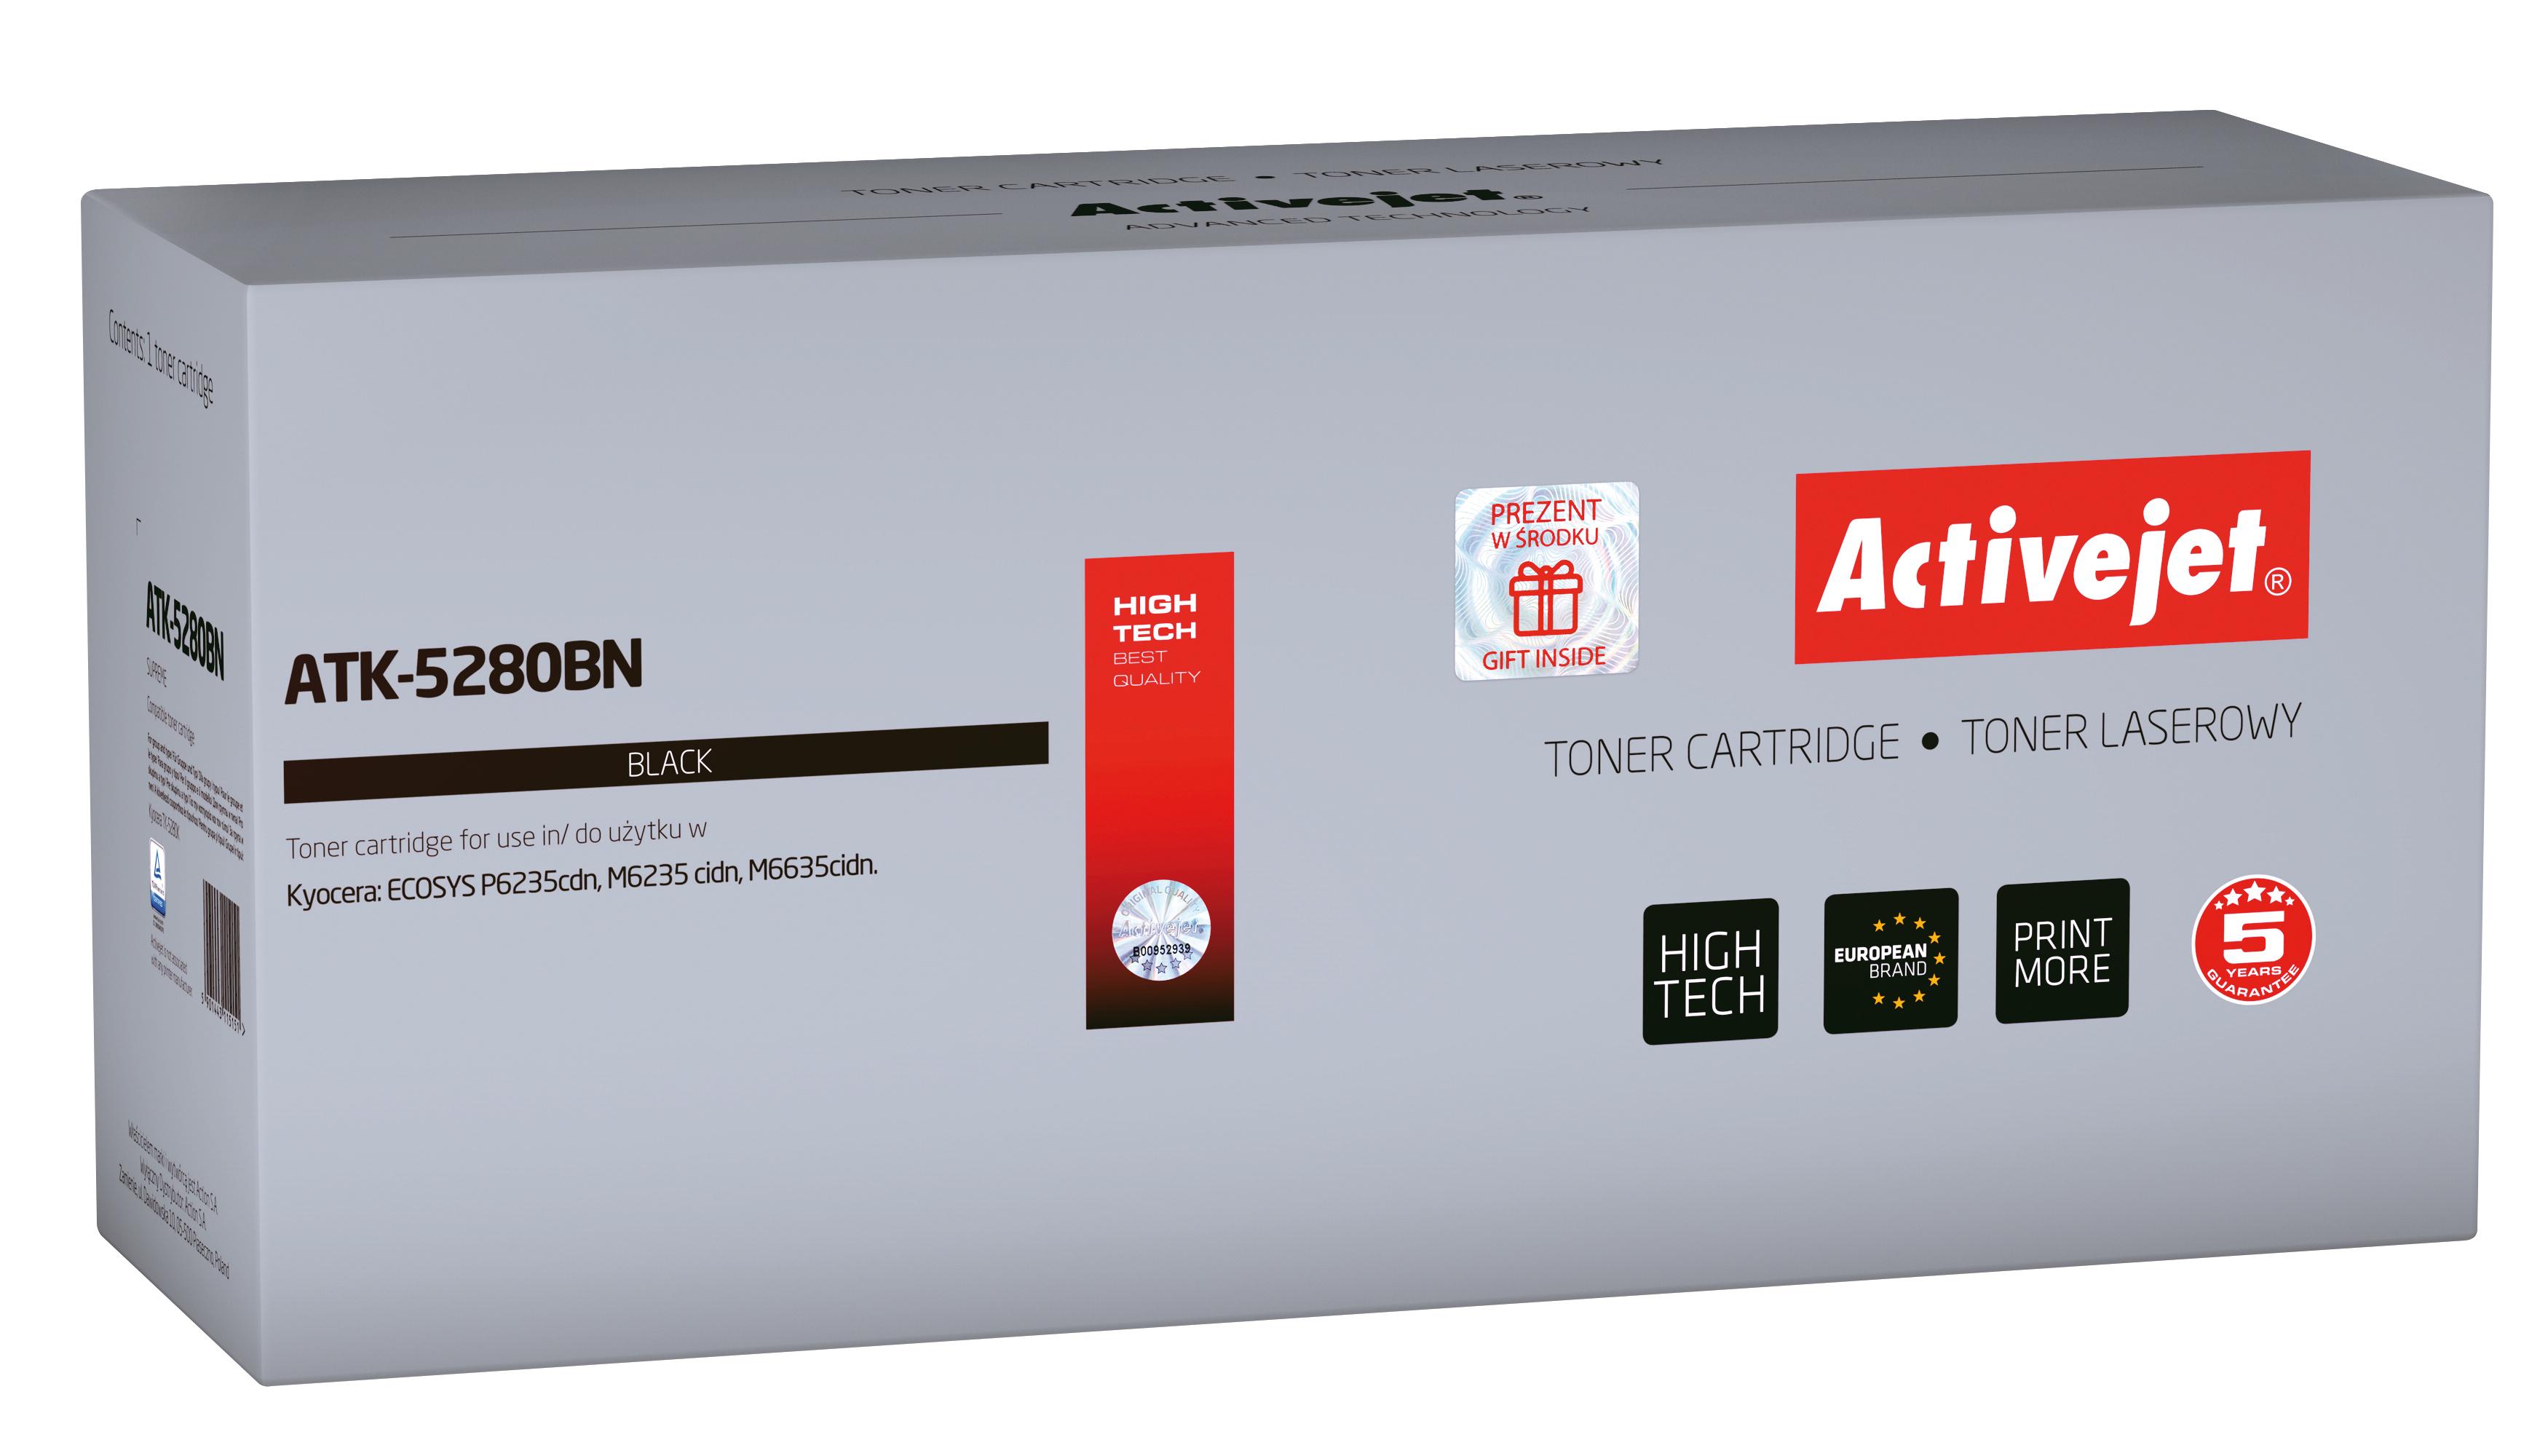 Toner Activejet  ATK-5280BN do drukarki Kyocera, Zamiennik Kyocera TK-5280K; Supreme; 13000 stron; Czarny.